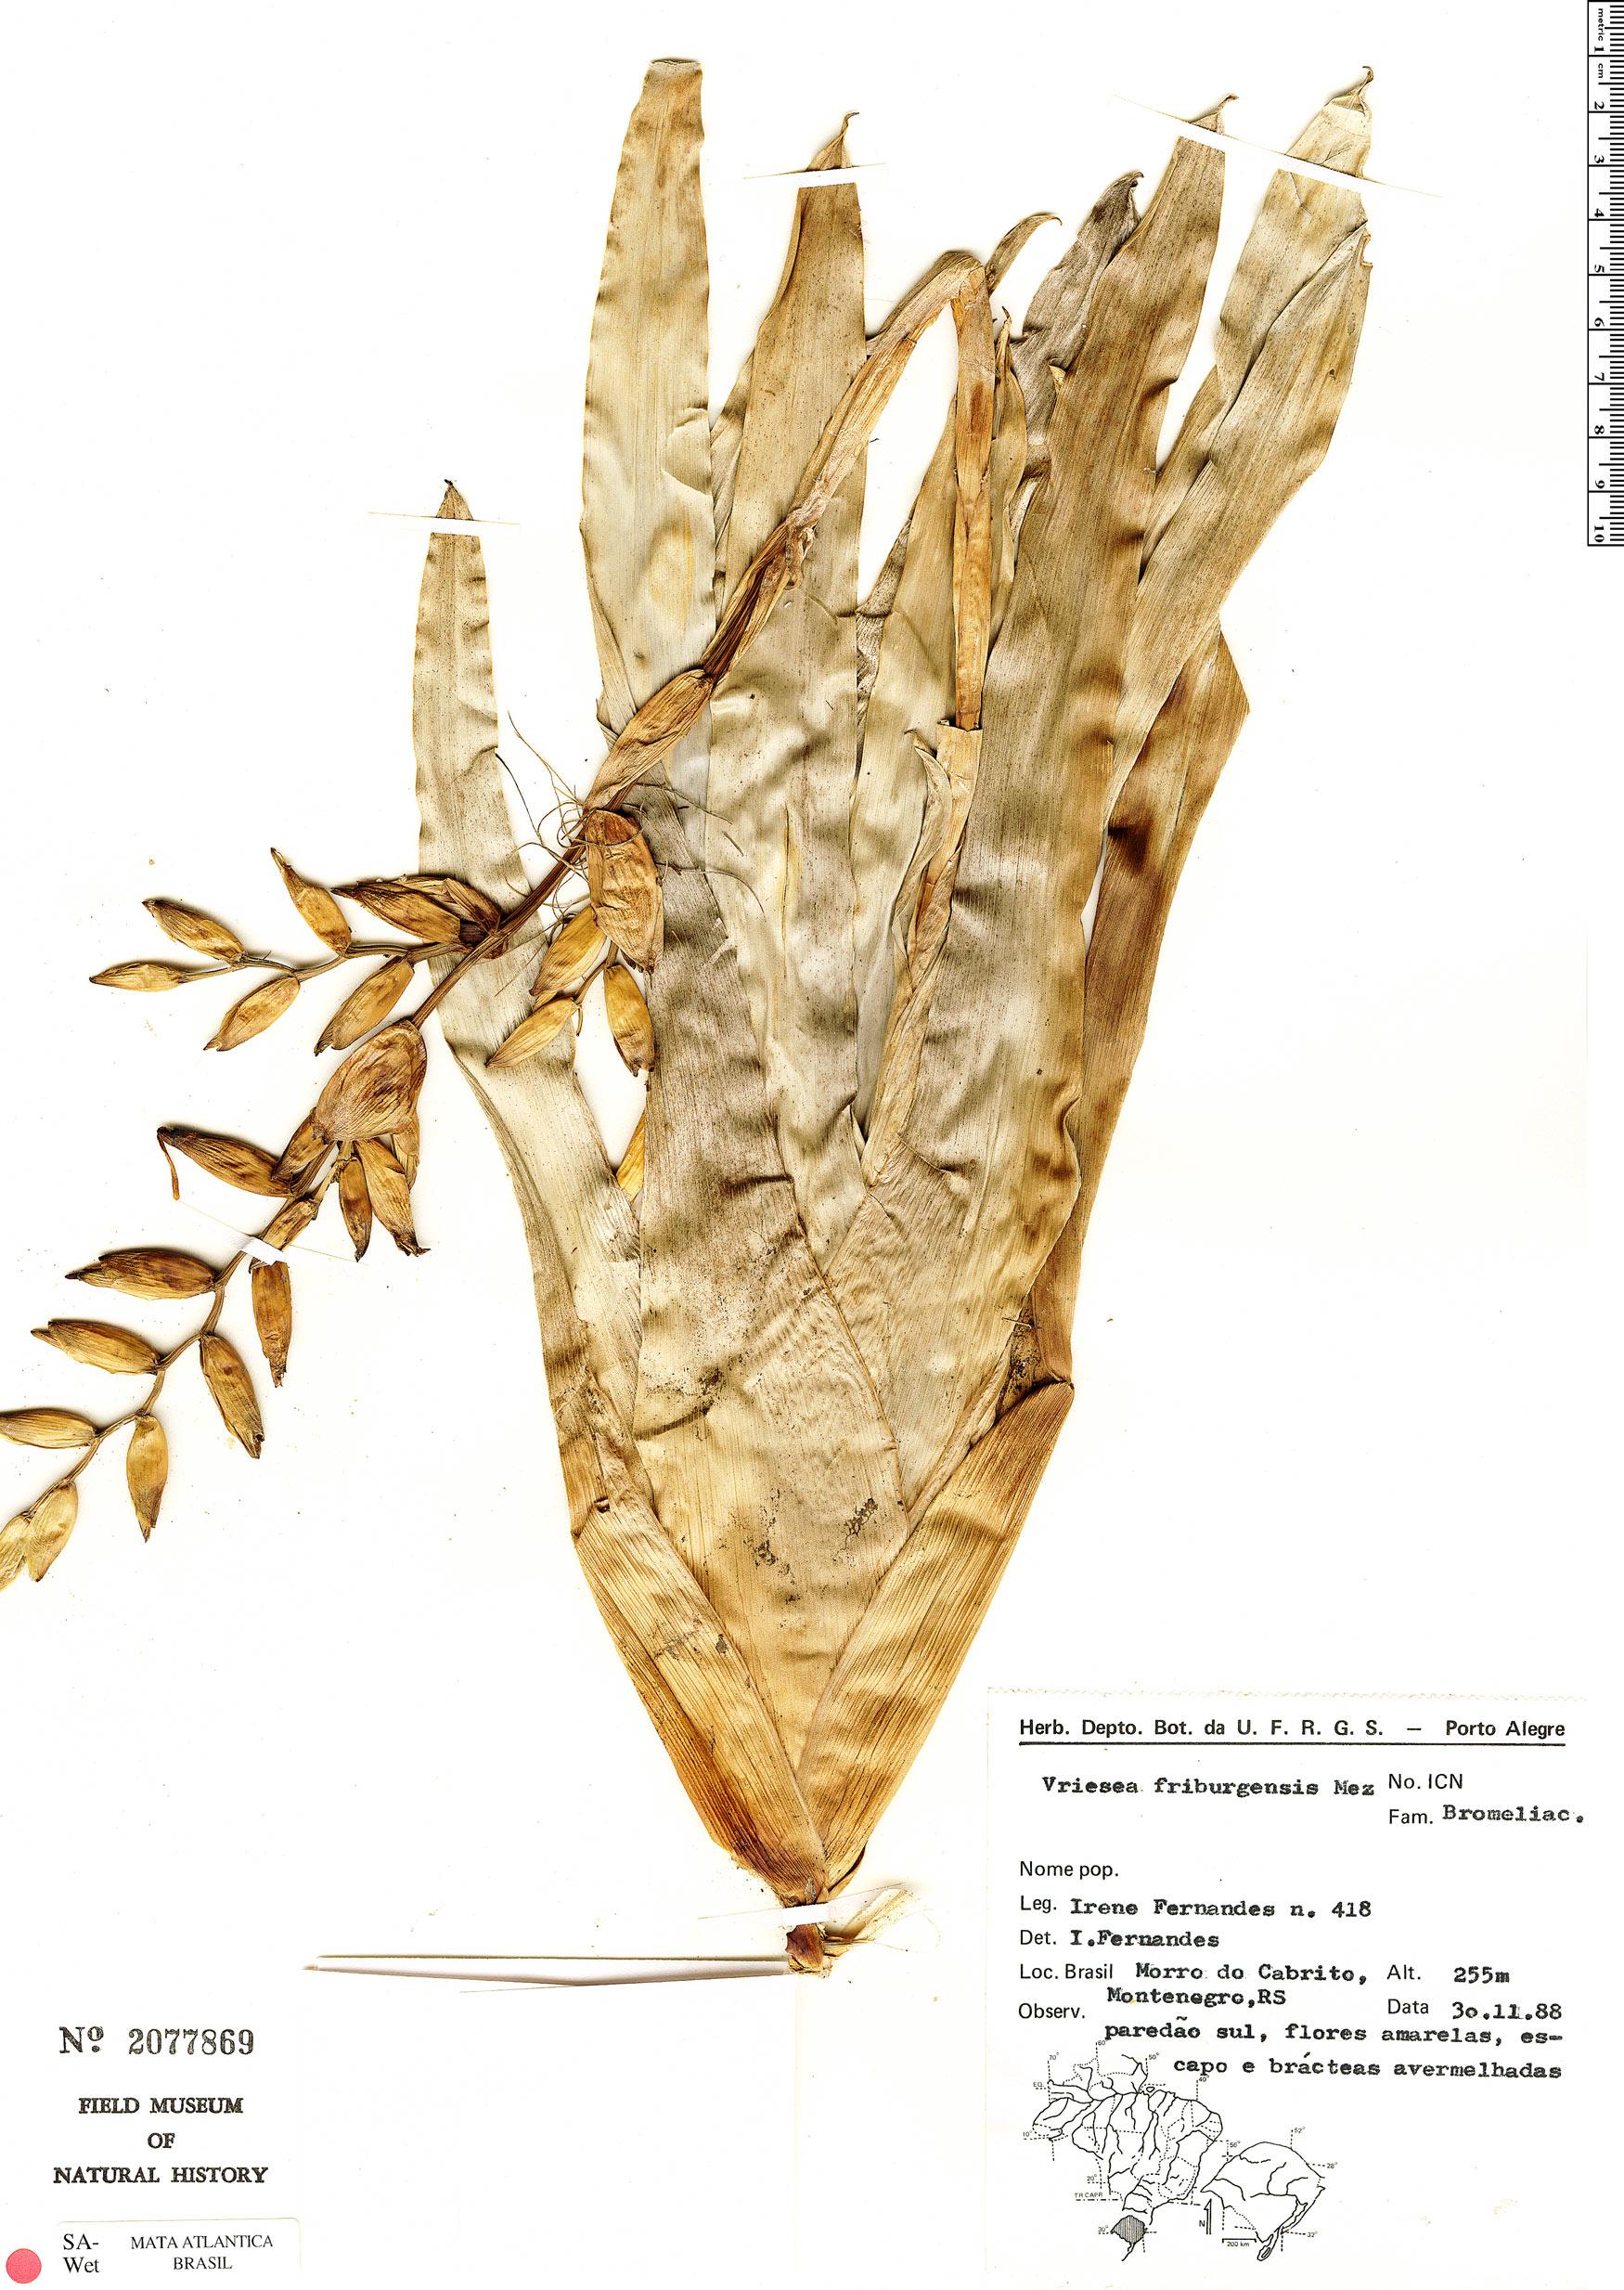 Espécime: Vriesea friburgensis